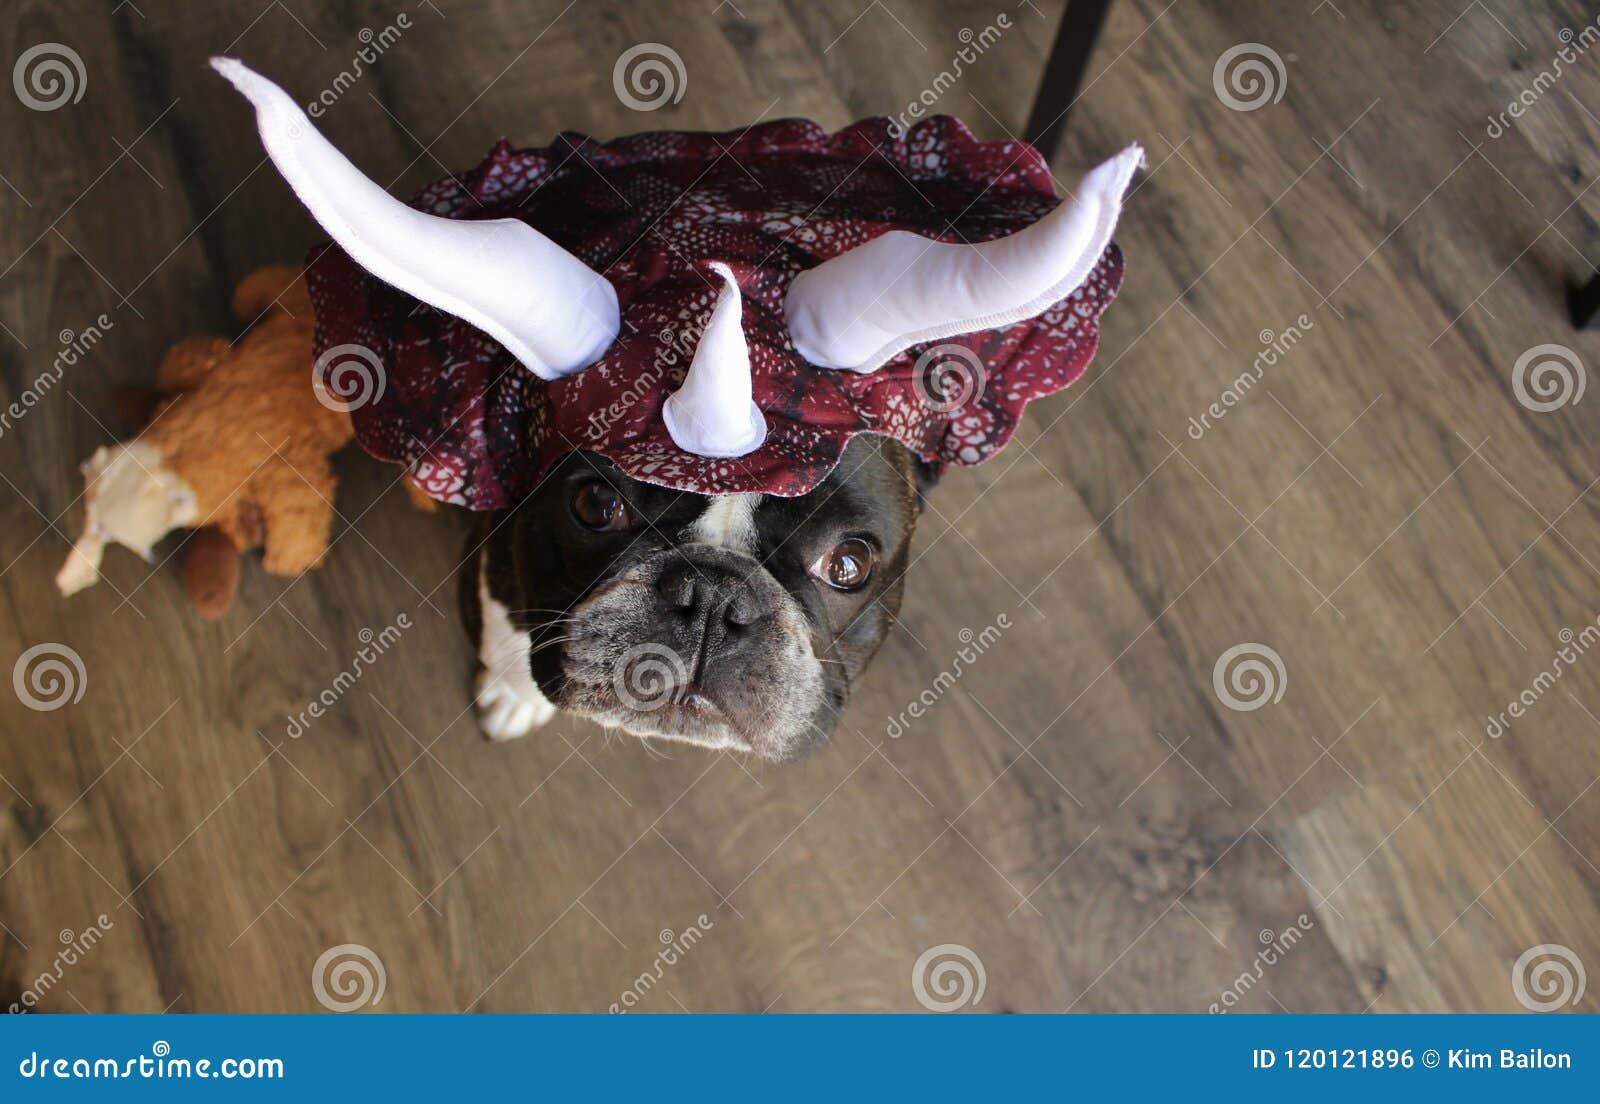 Fransk bulldogg som en Stegosaurus